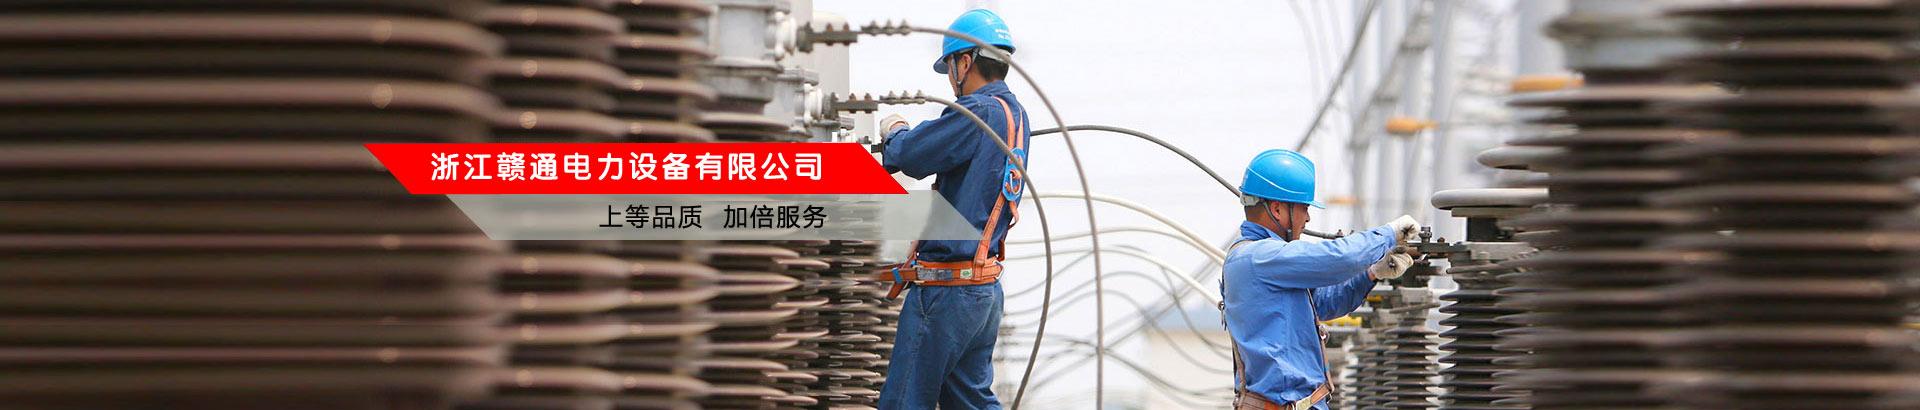 浙江赣通电力设备有限公司